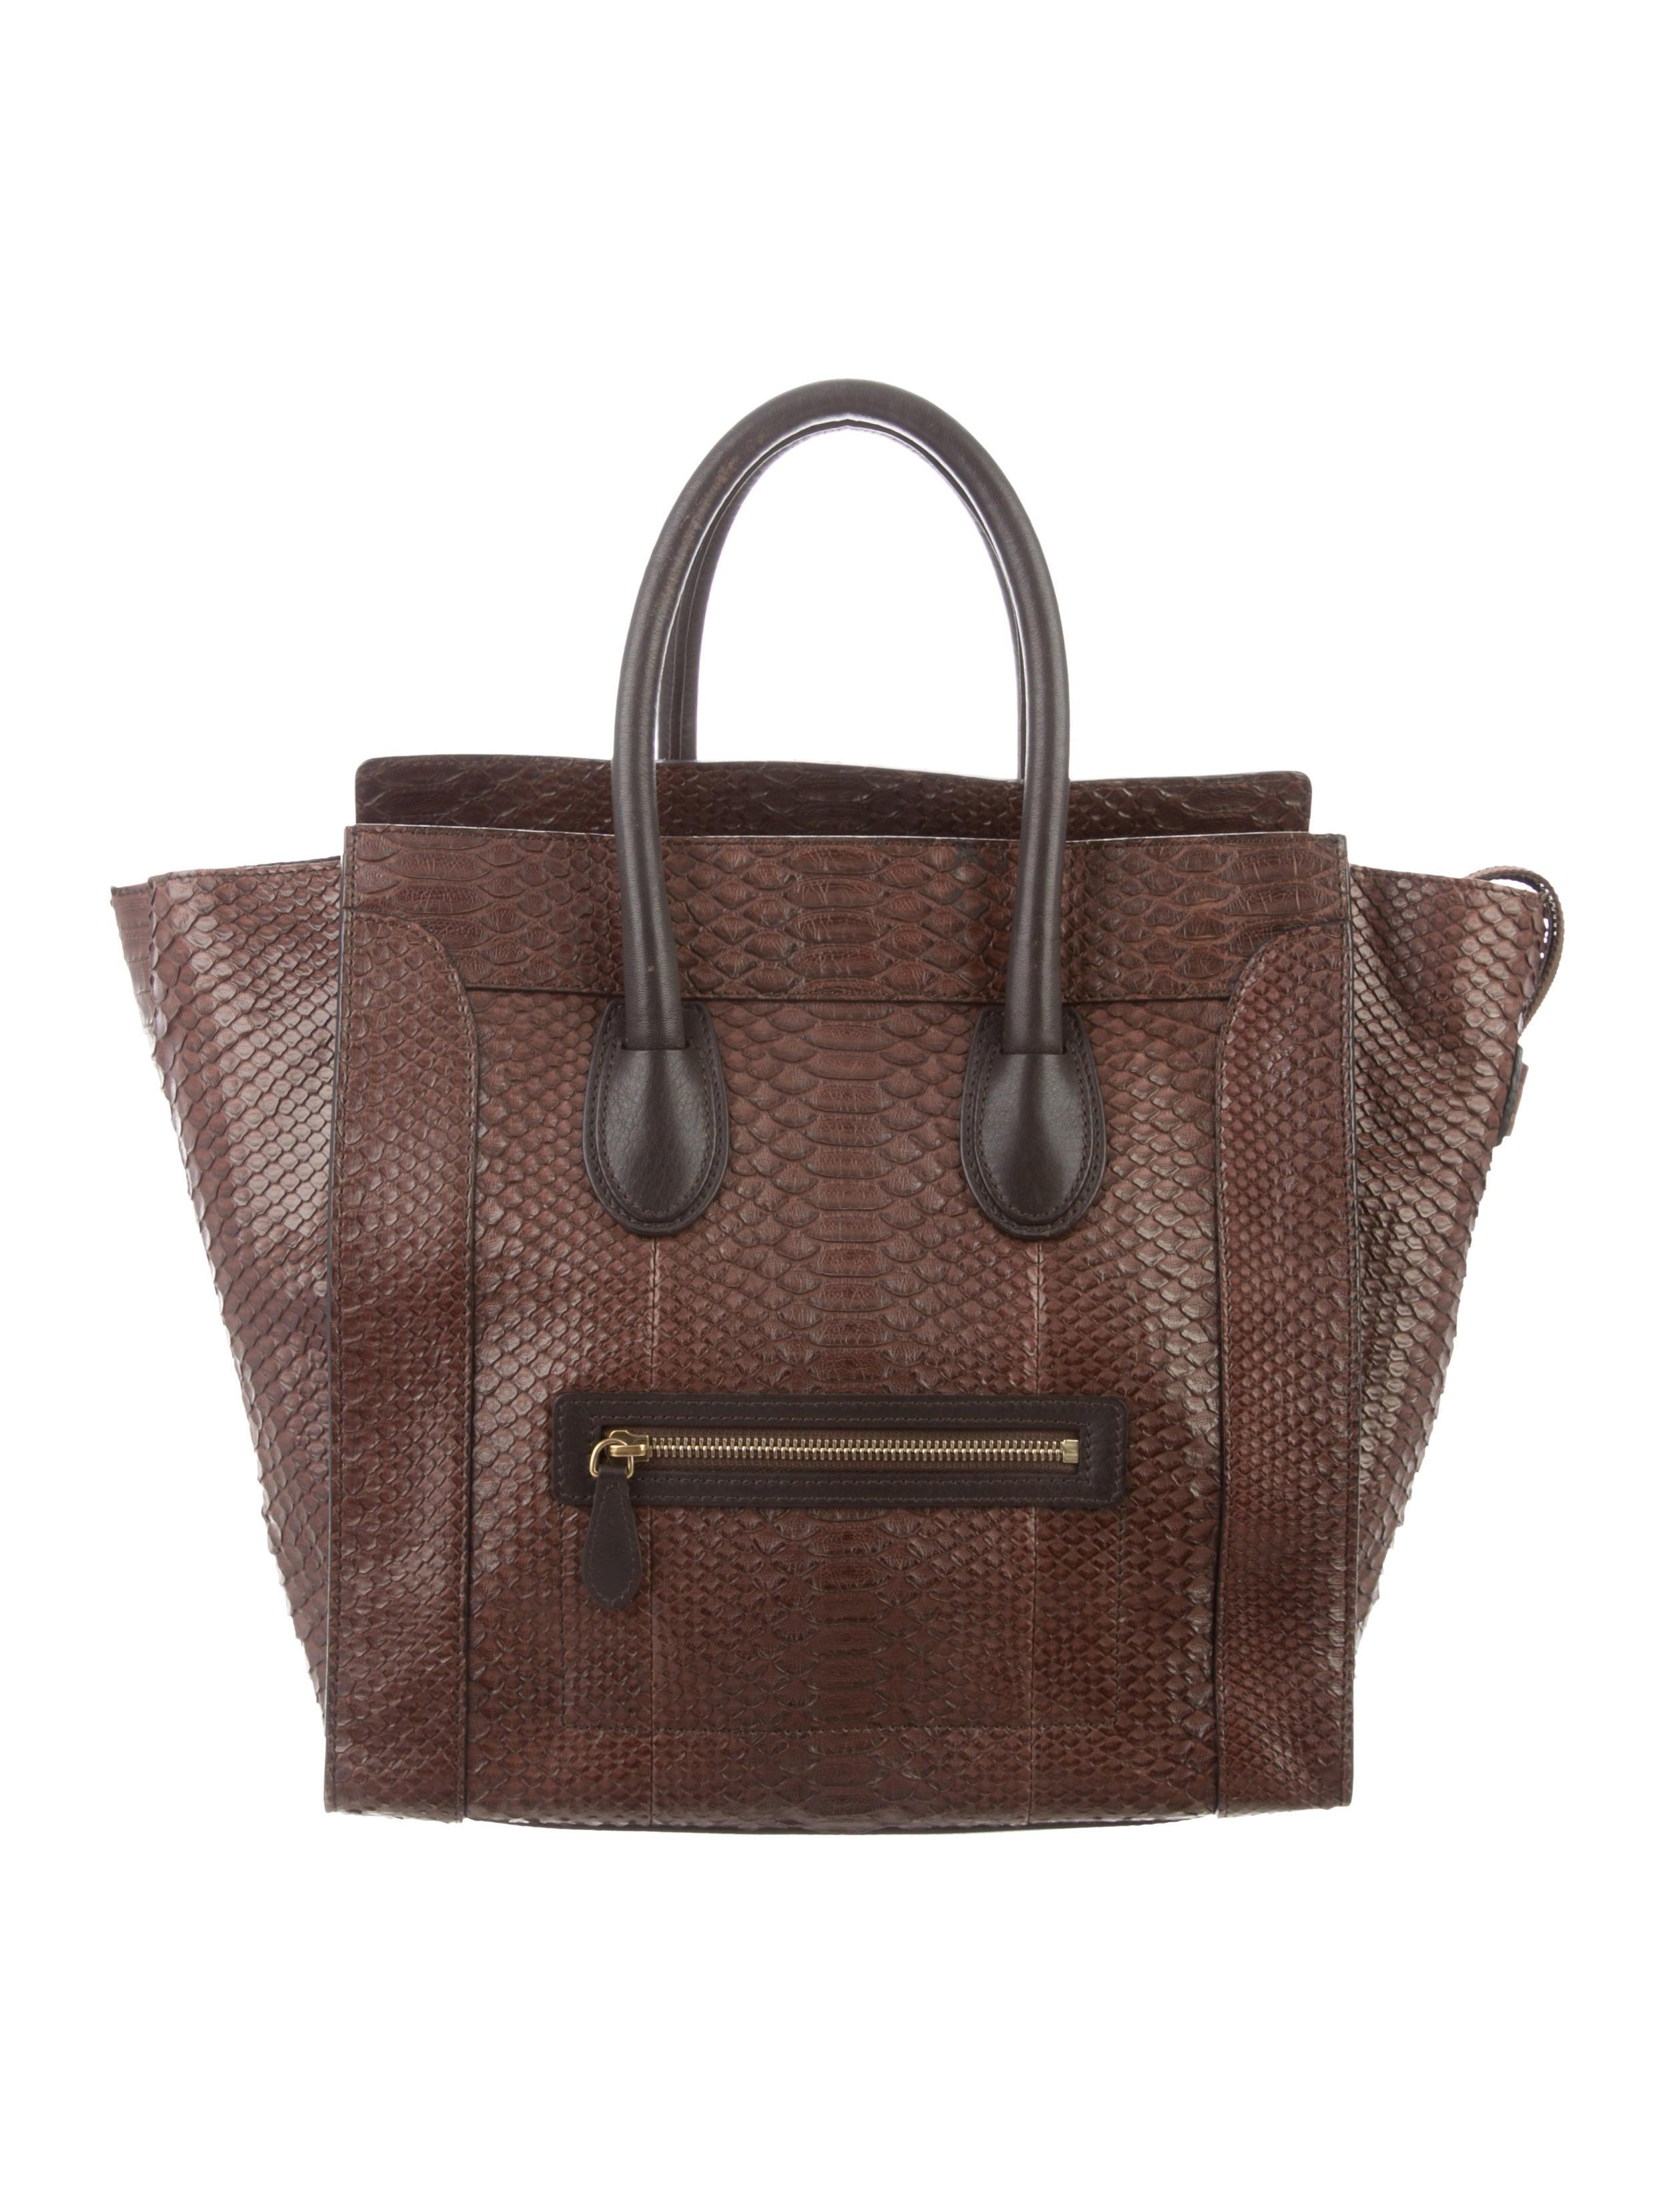 Celine Handbags  b8a4e130412ae